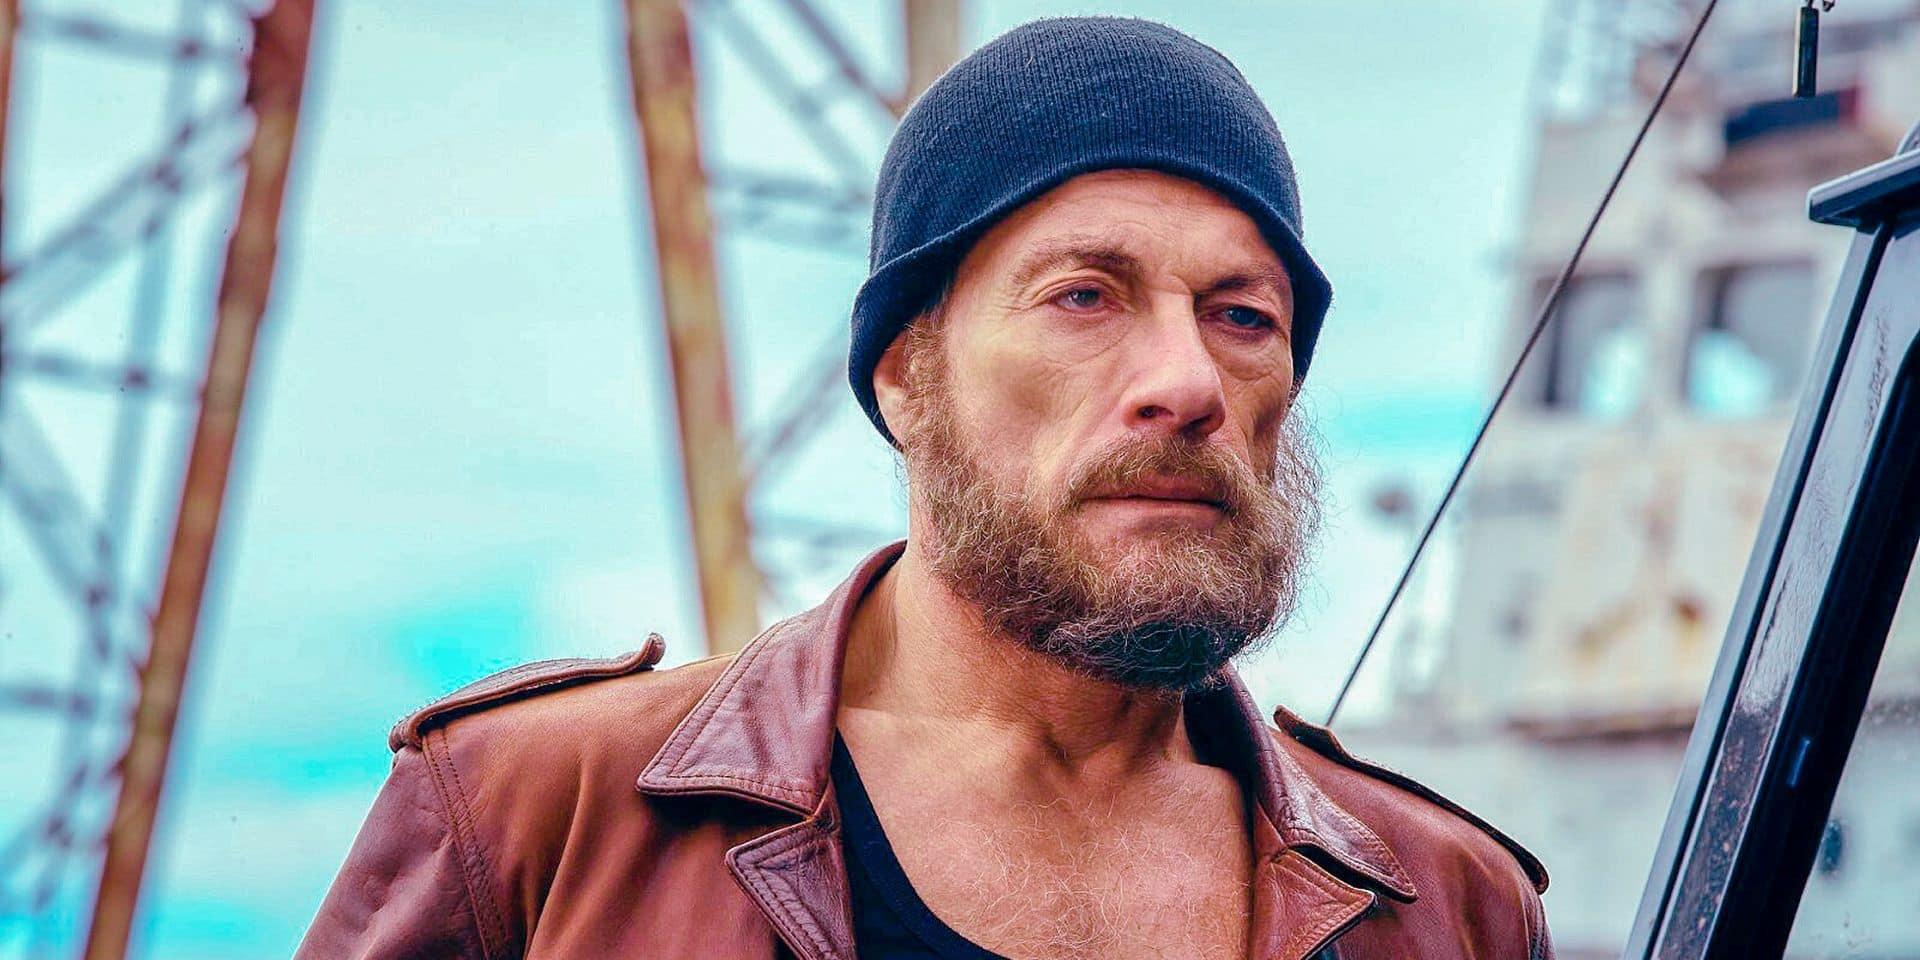 """Jean-Claude Van Damme de retour au cinéma dans """"Le dernier mercenaire"""": """"Mon ambition maintenant? Tourner mon dernier film d'arts martiaux"""""""